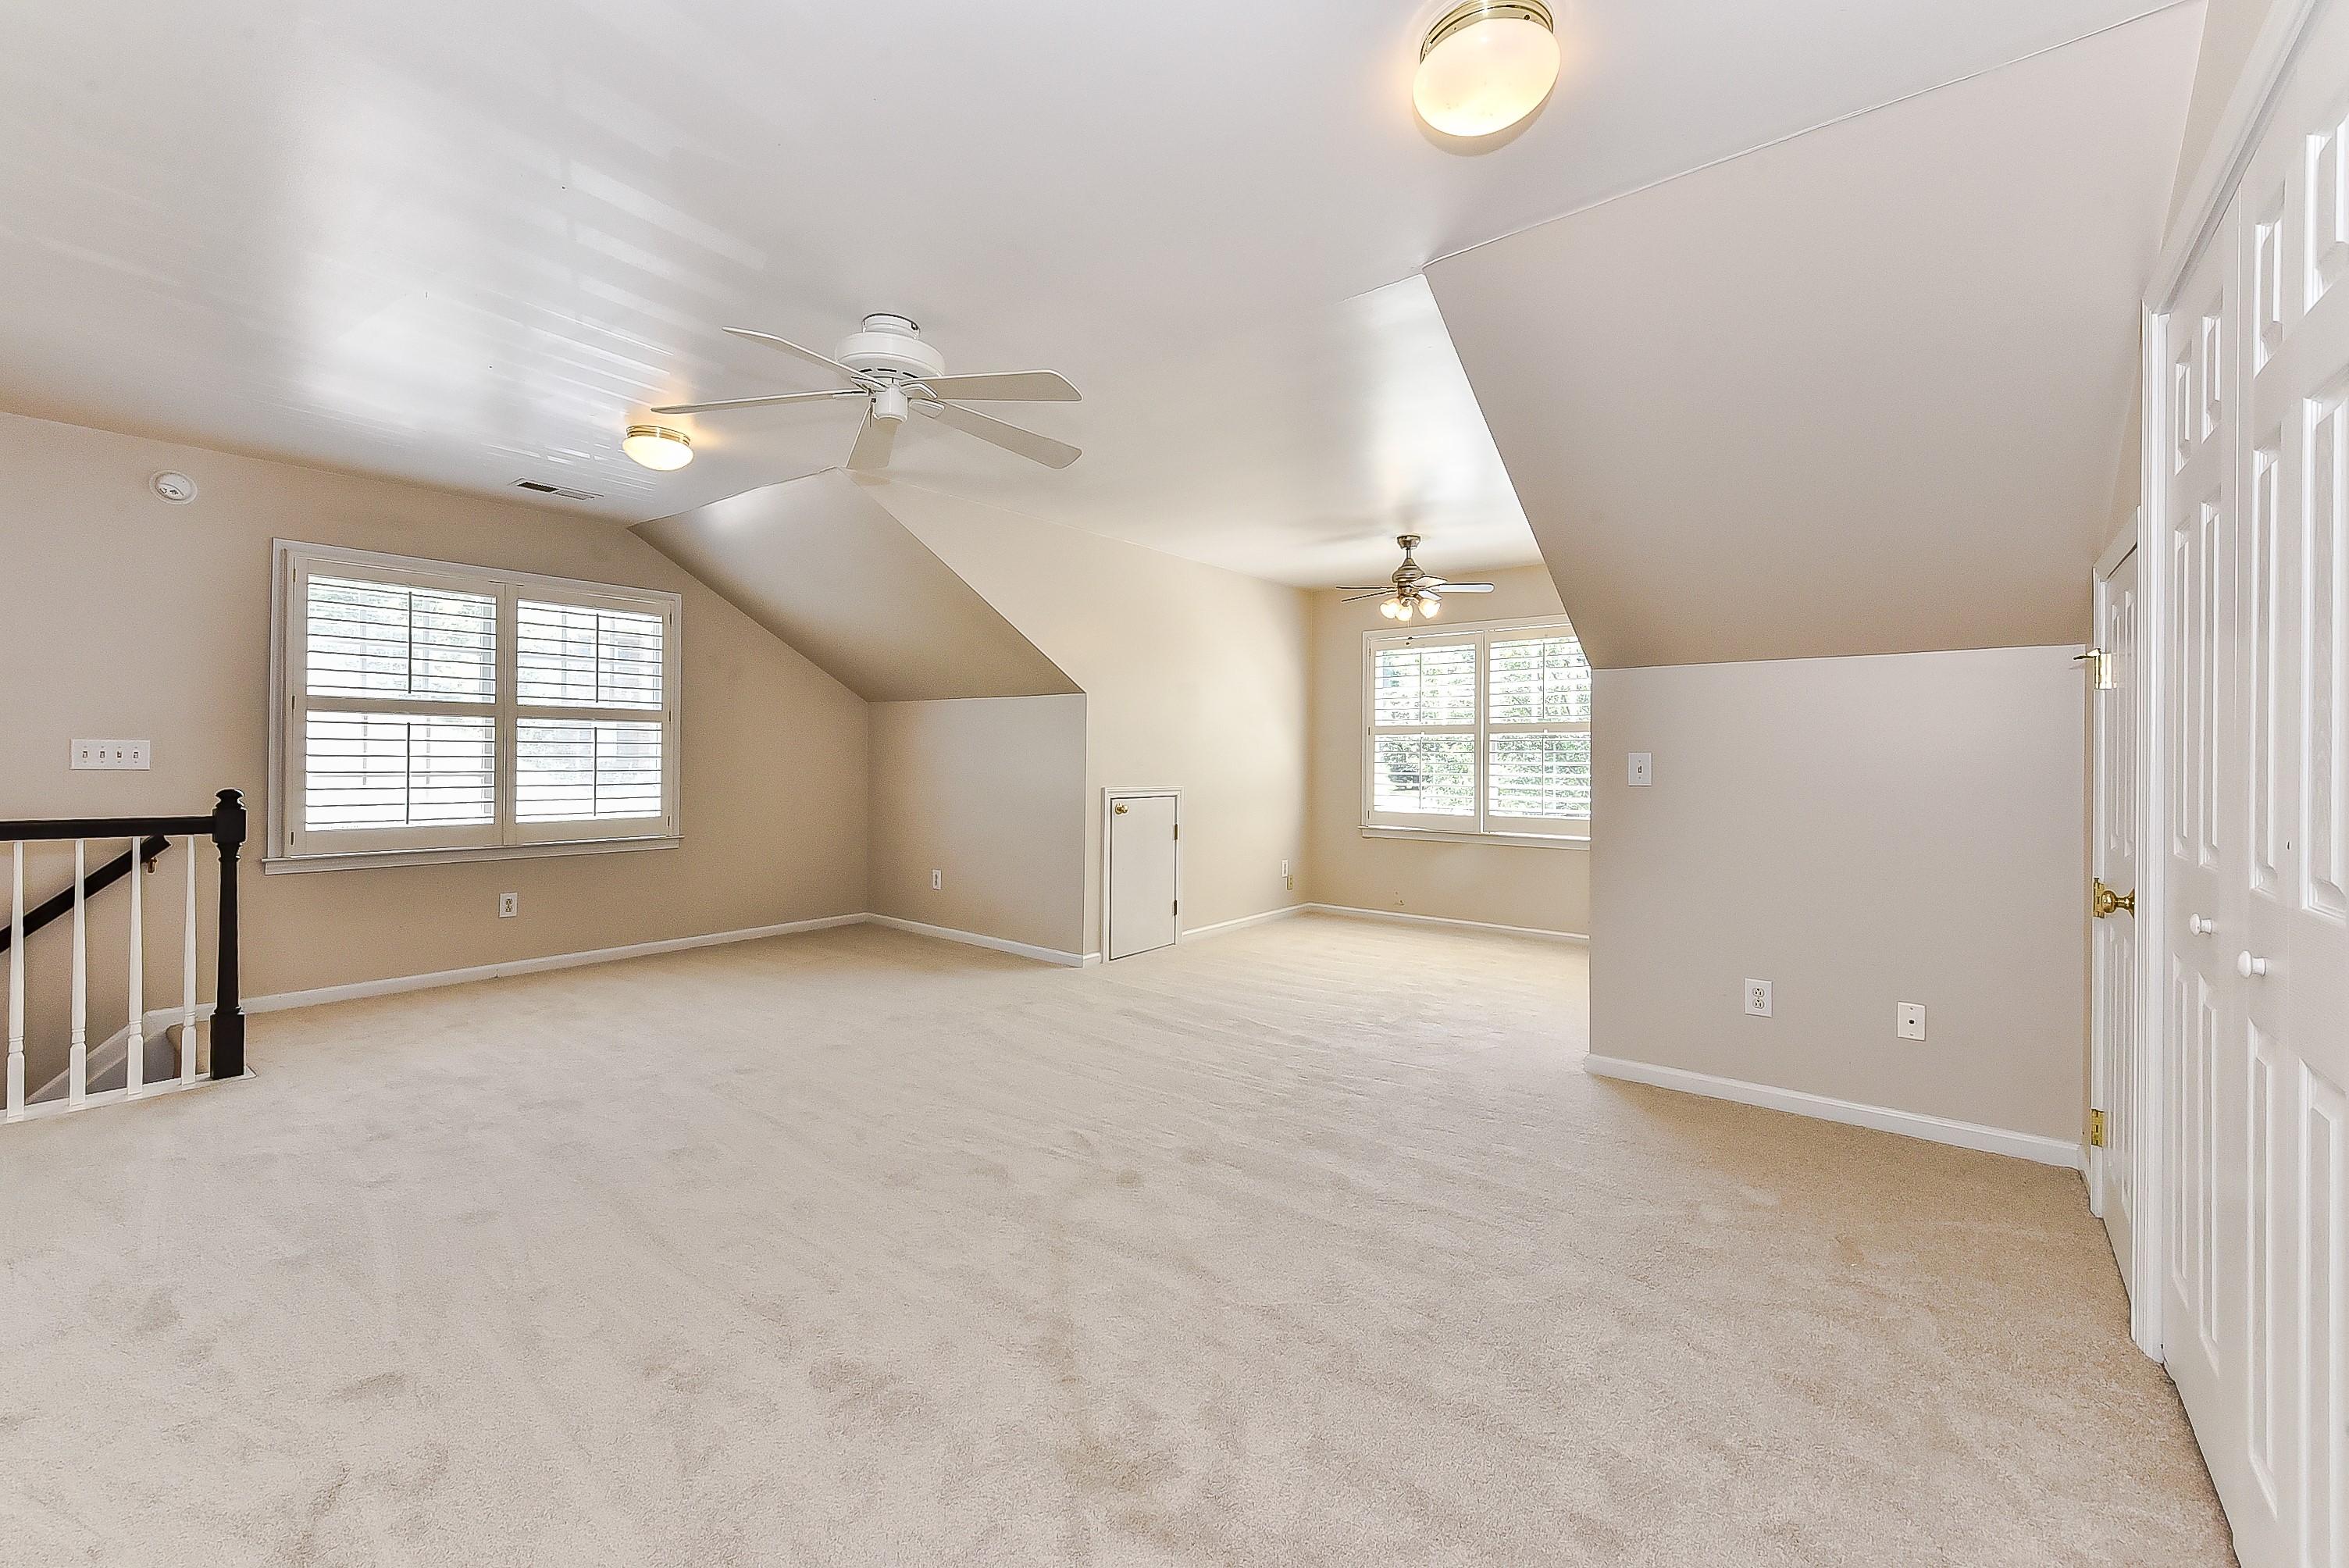 029_Bonus Room